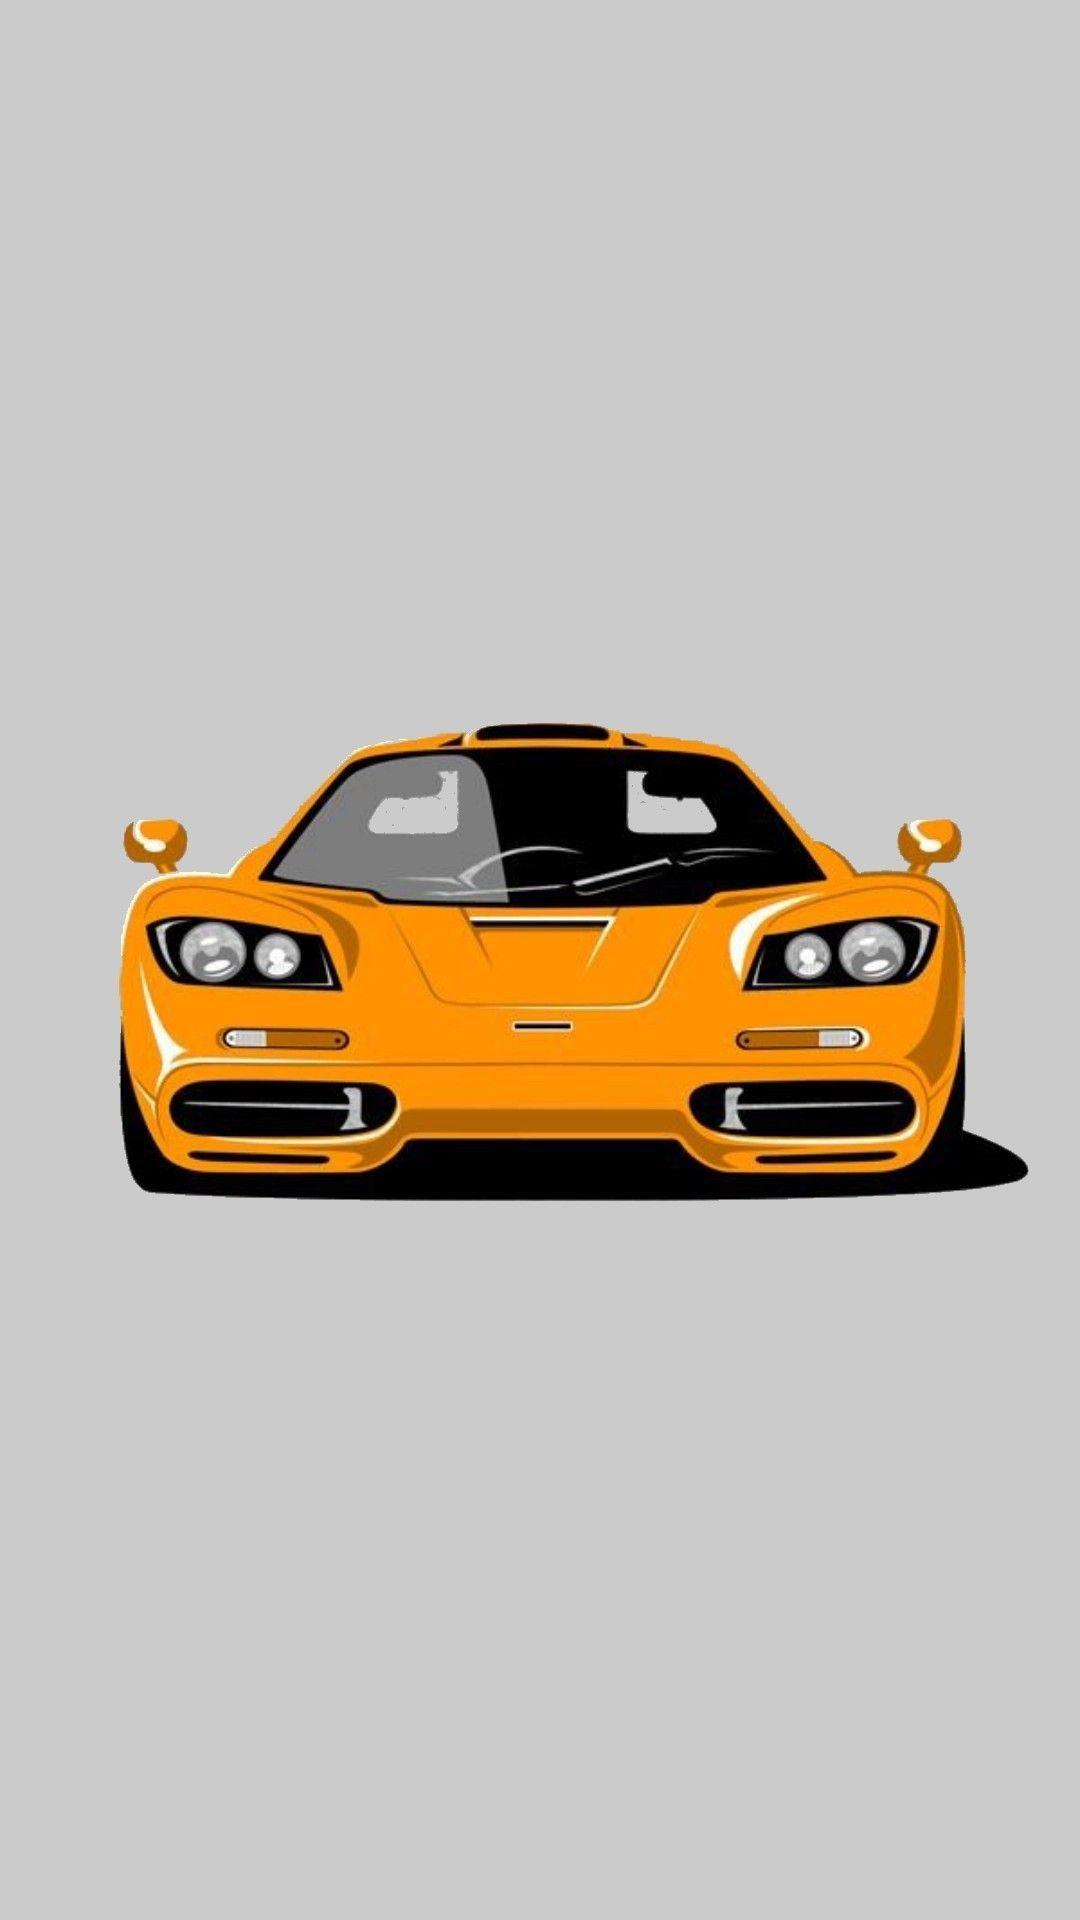 無料イラスト 春夏秋冬 2020年の最高 スーパー カー イラスト Car Wallpapers Vintage Cars Automotive Art